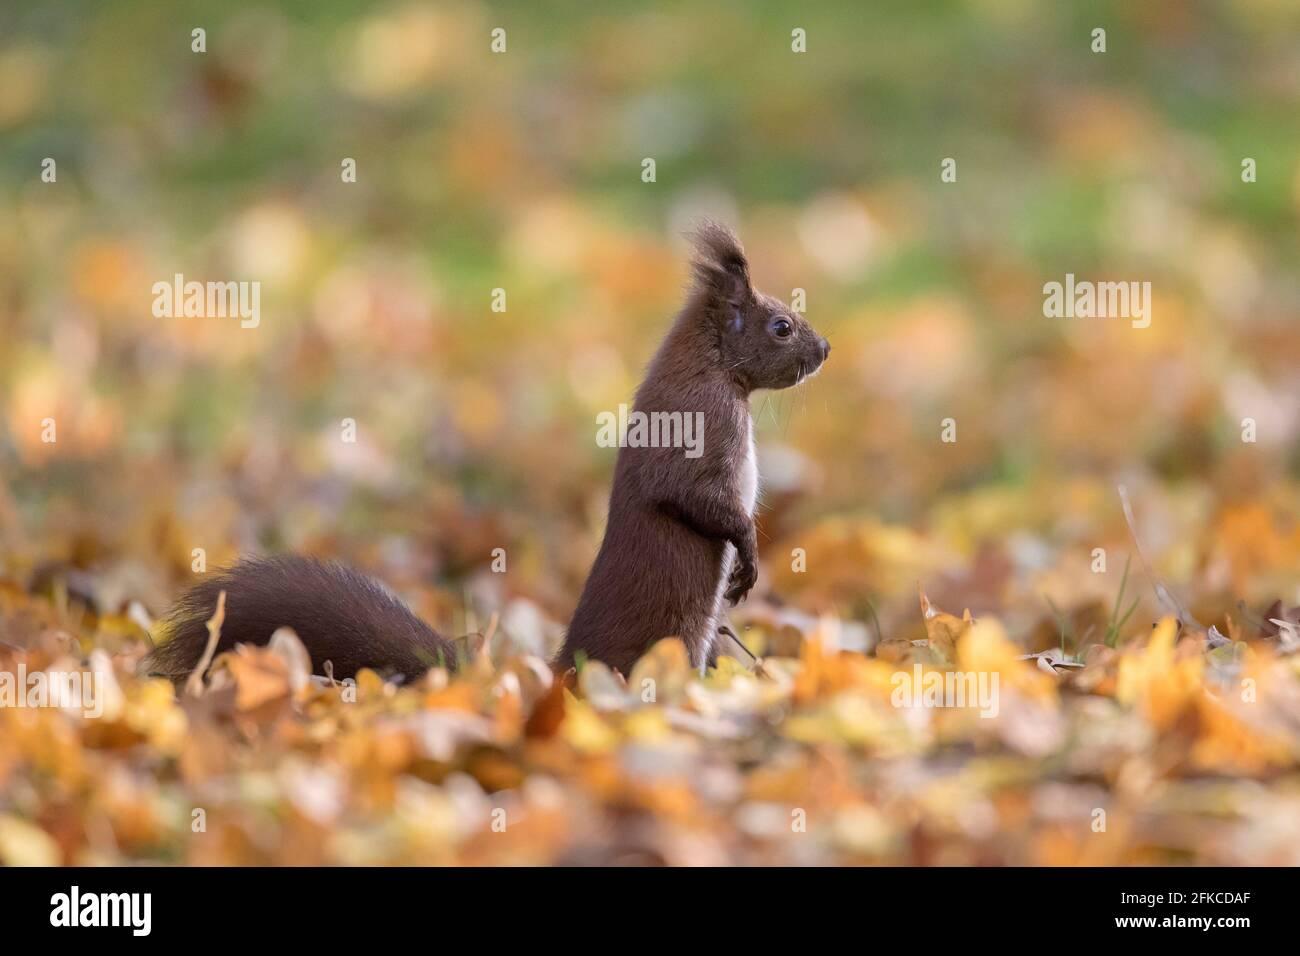 Alerte écureuil rouge eurasien (Sciurus vulgaris) recherche d'un danger au sol dans la litière de feuilles le plancher de la forêt en automne bois Banque D'Images